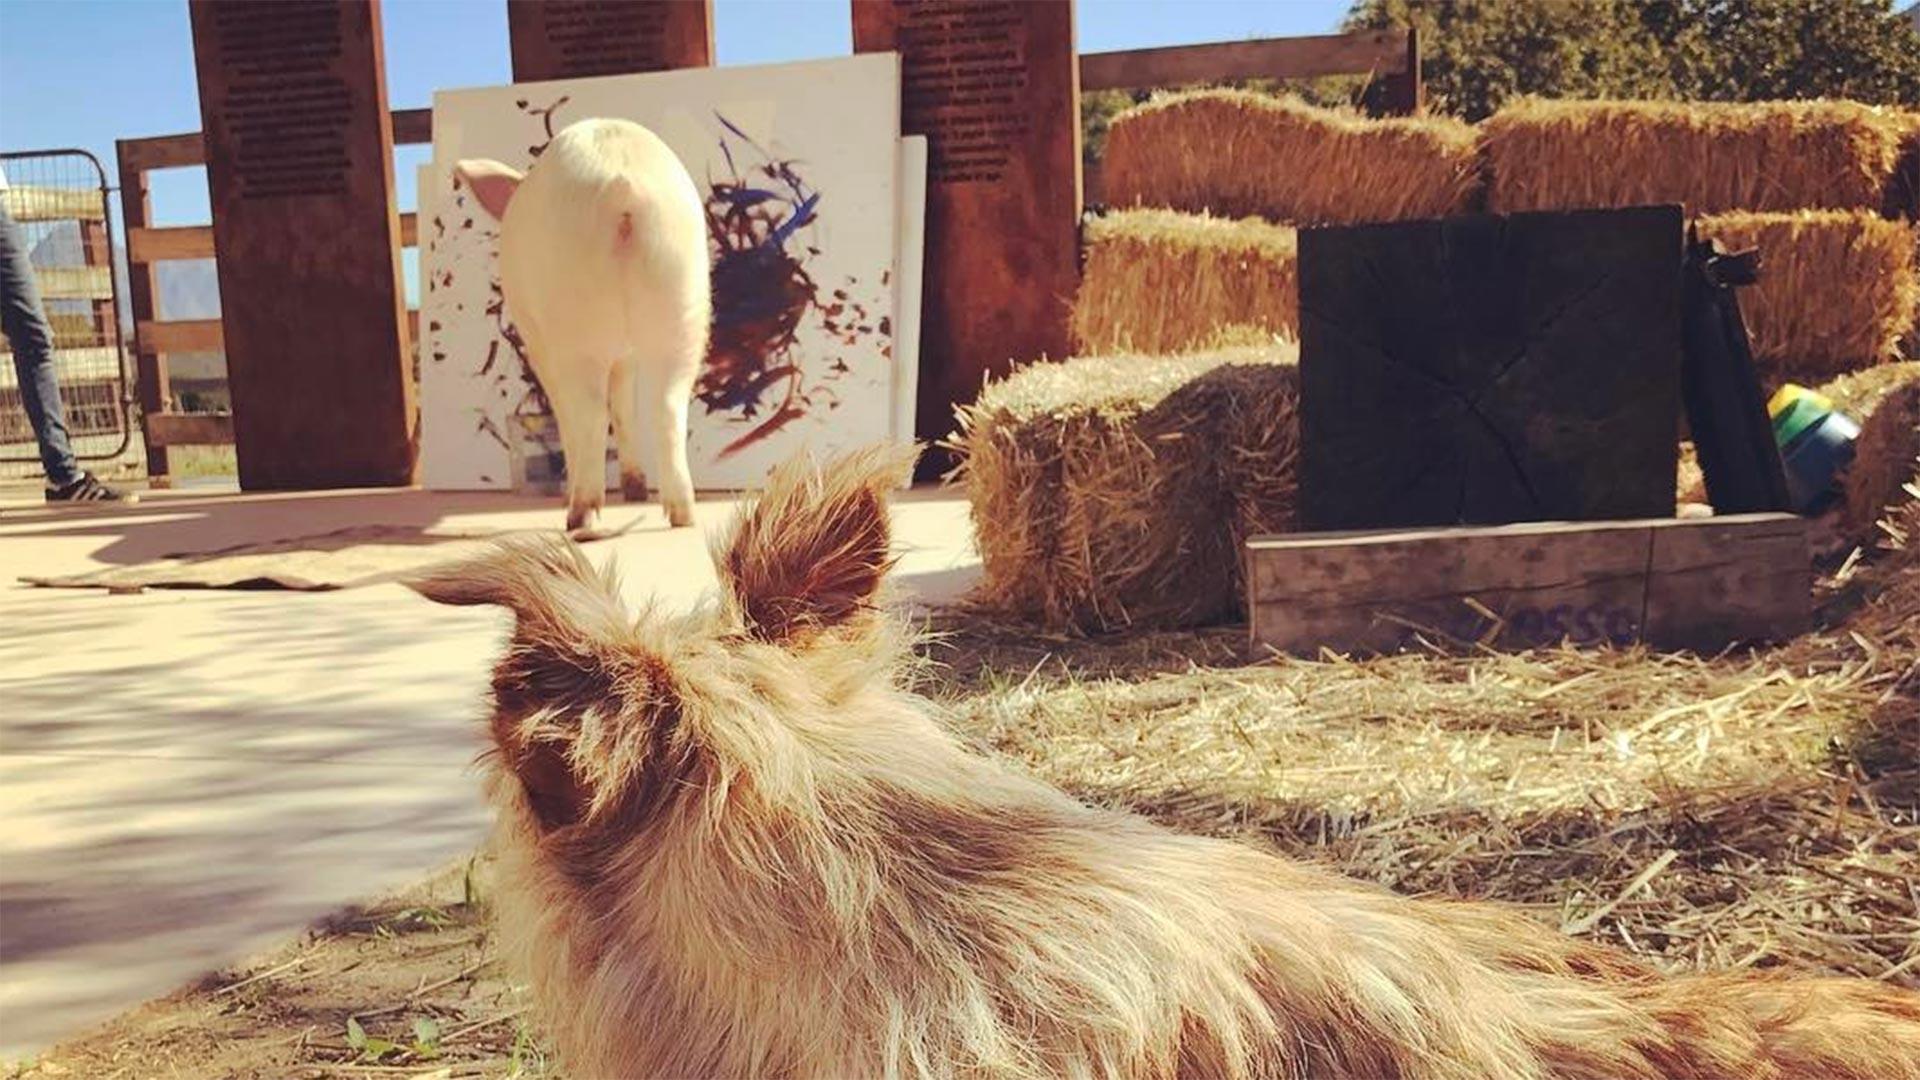 En su granja pasa la mayor parte del día pintando, sus amigos del reino animal no dejan de deleitarse con su arte ((Instagram Pigcasso))